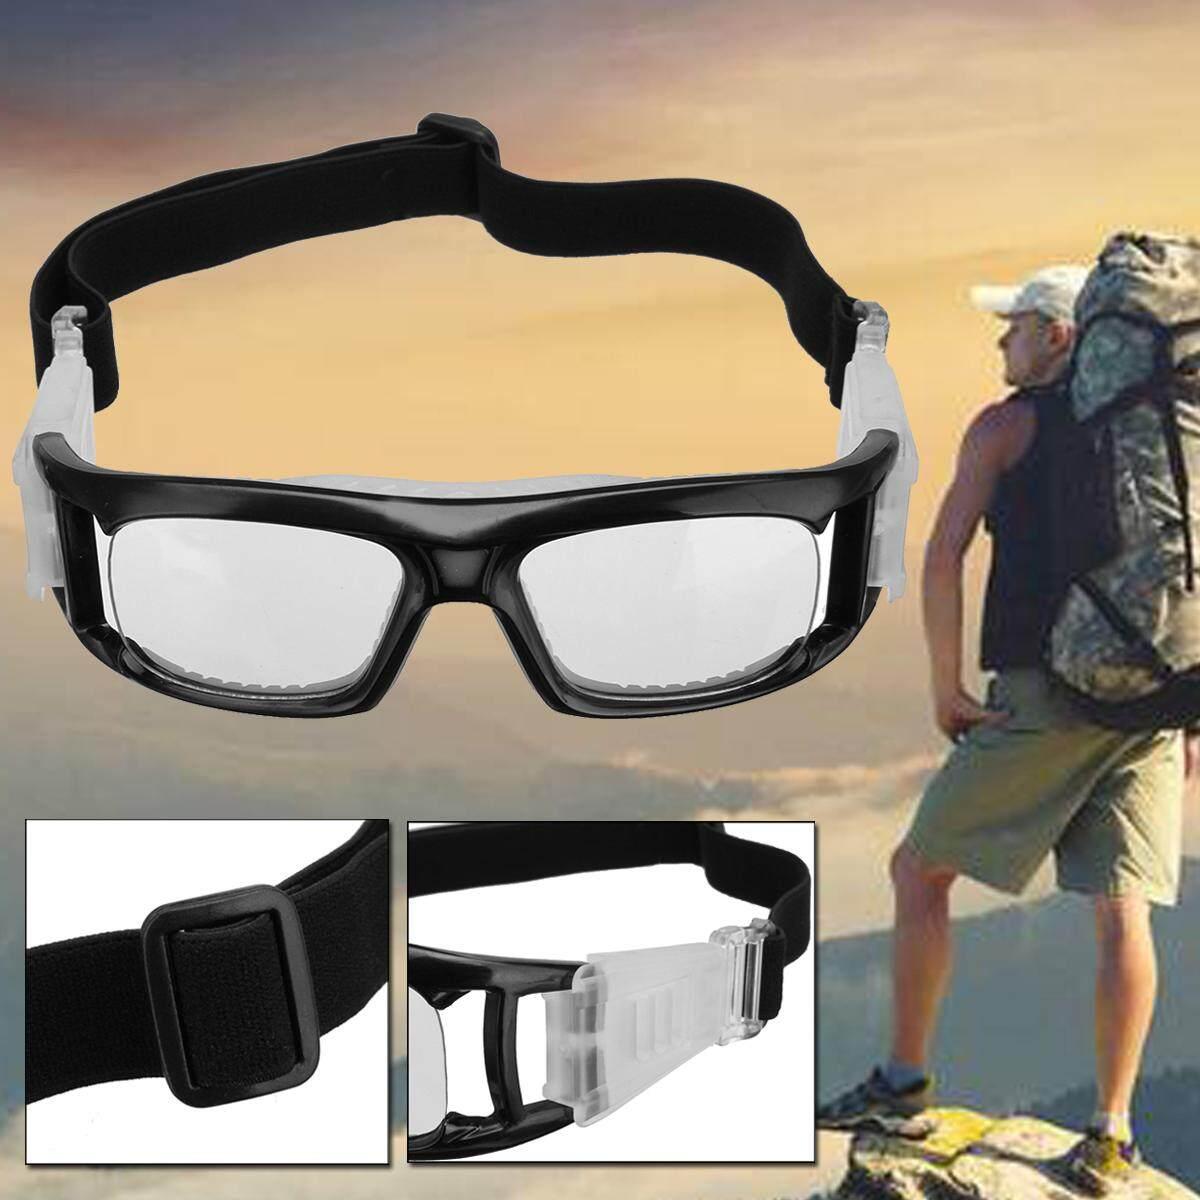 Lensa Fotokromik Bias Kacamata Kacamata Kacamata Prisma Rock Climbing-Intl